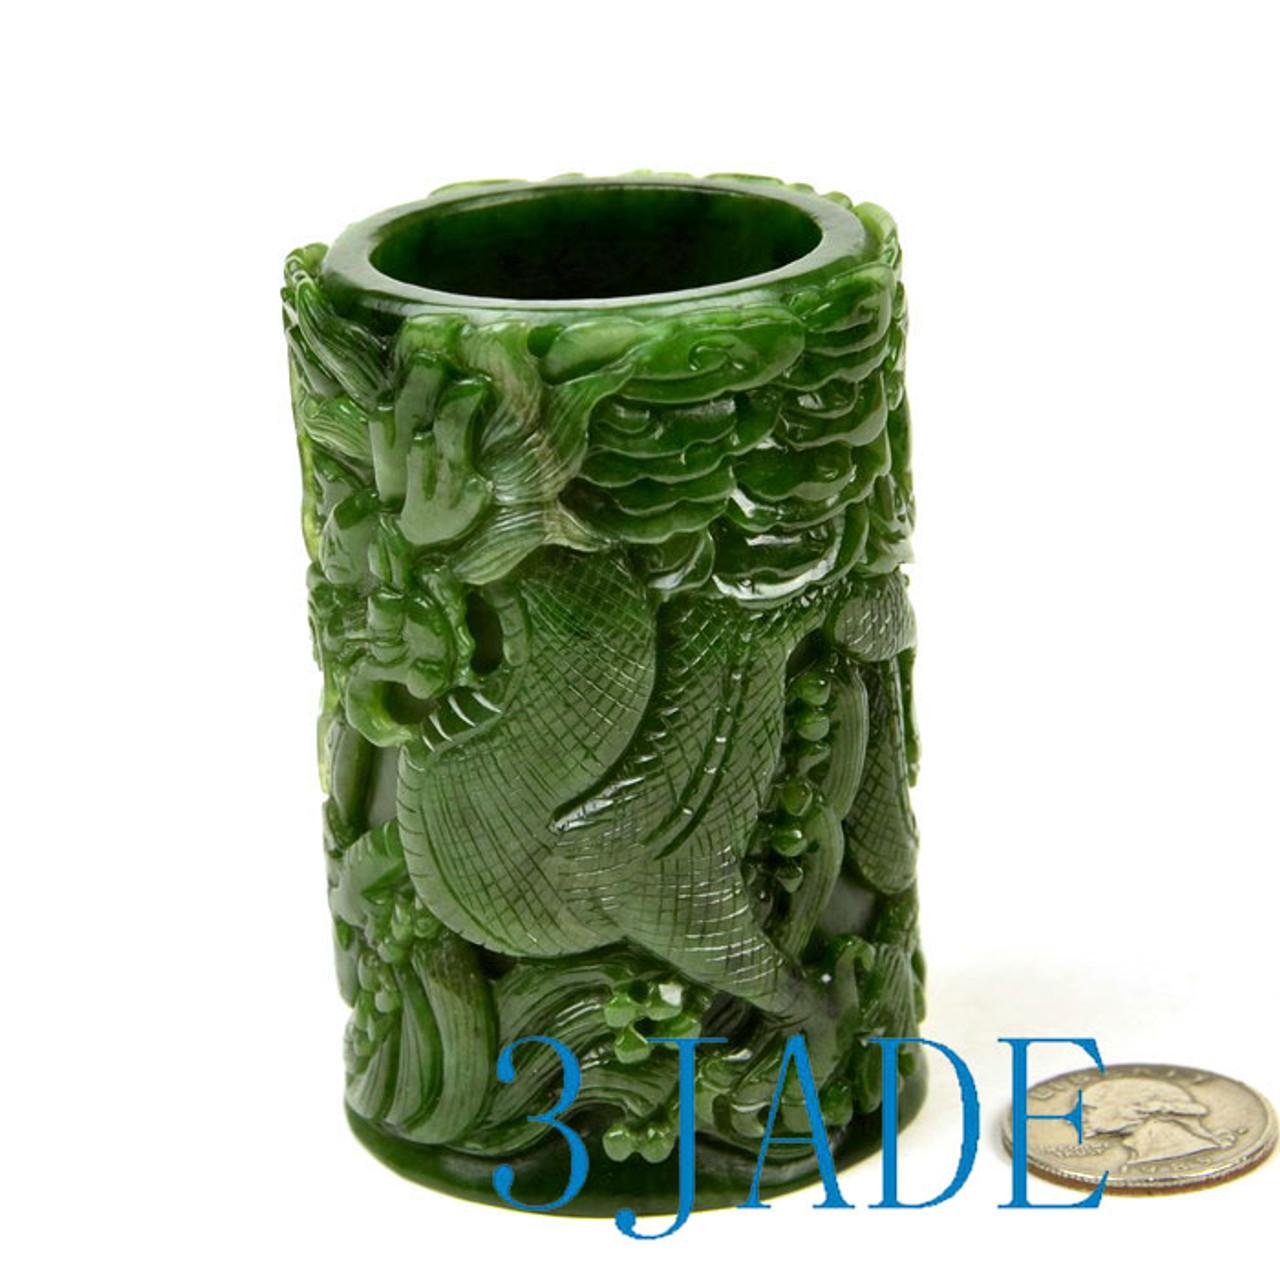 jade pen holder